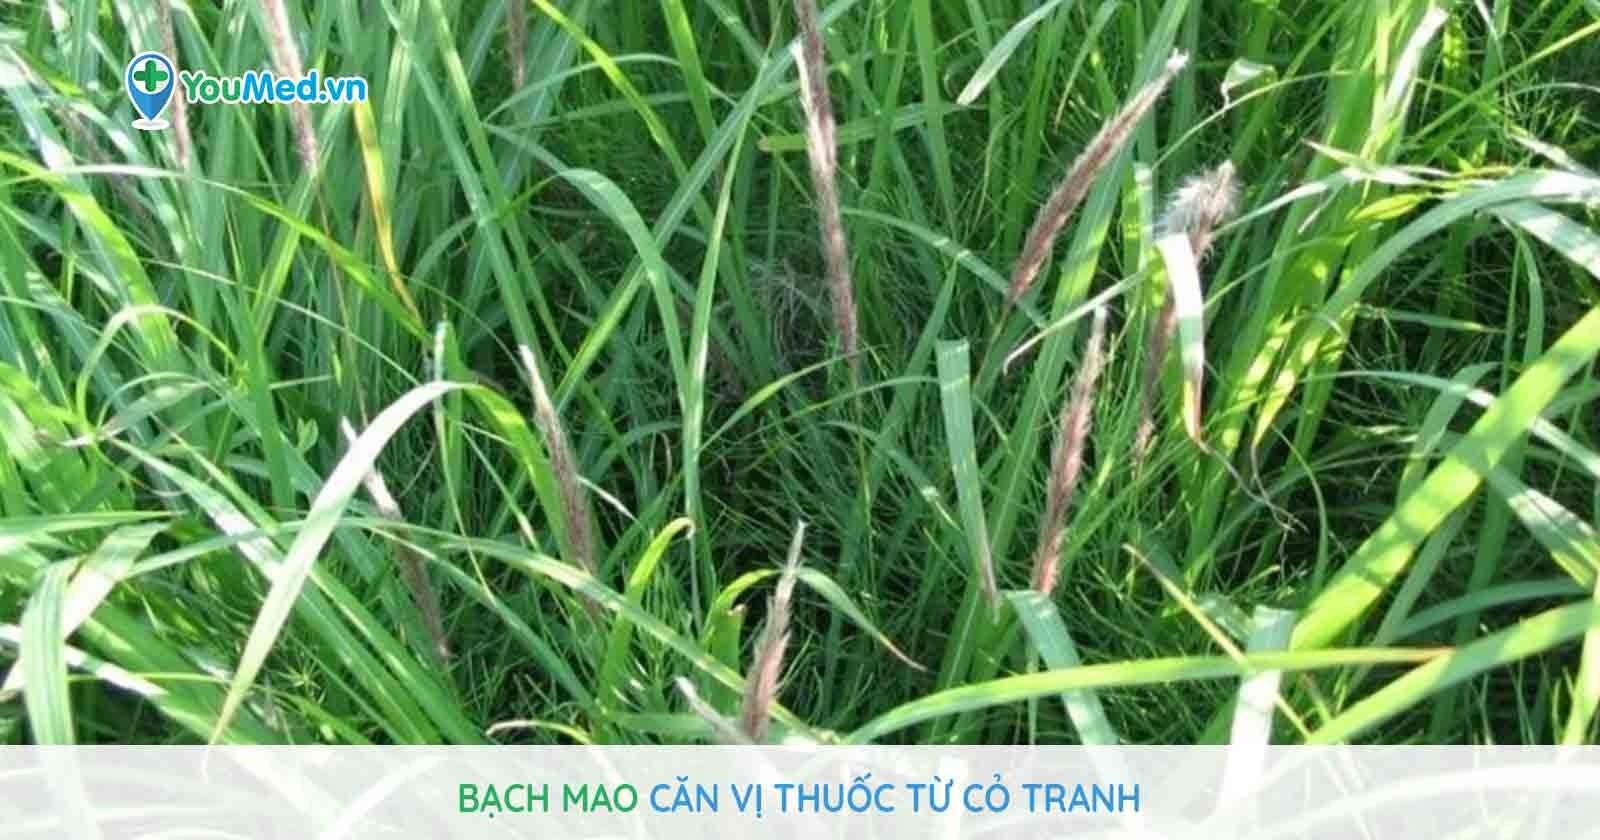 Bạch mao căn vị thuốc từ cỏ tranh